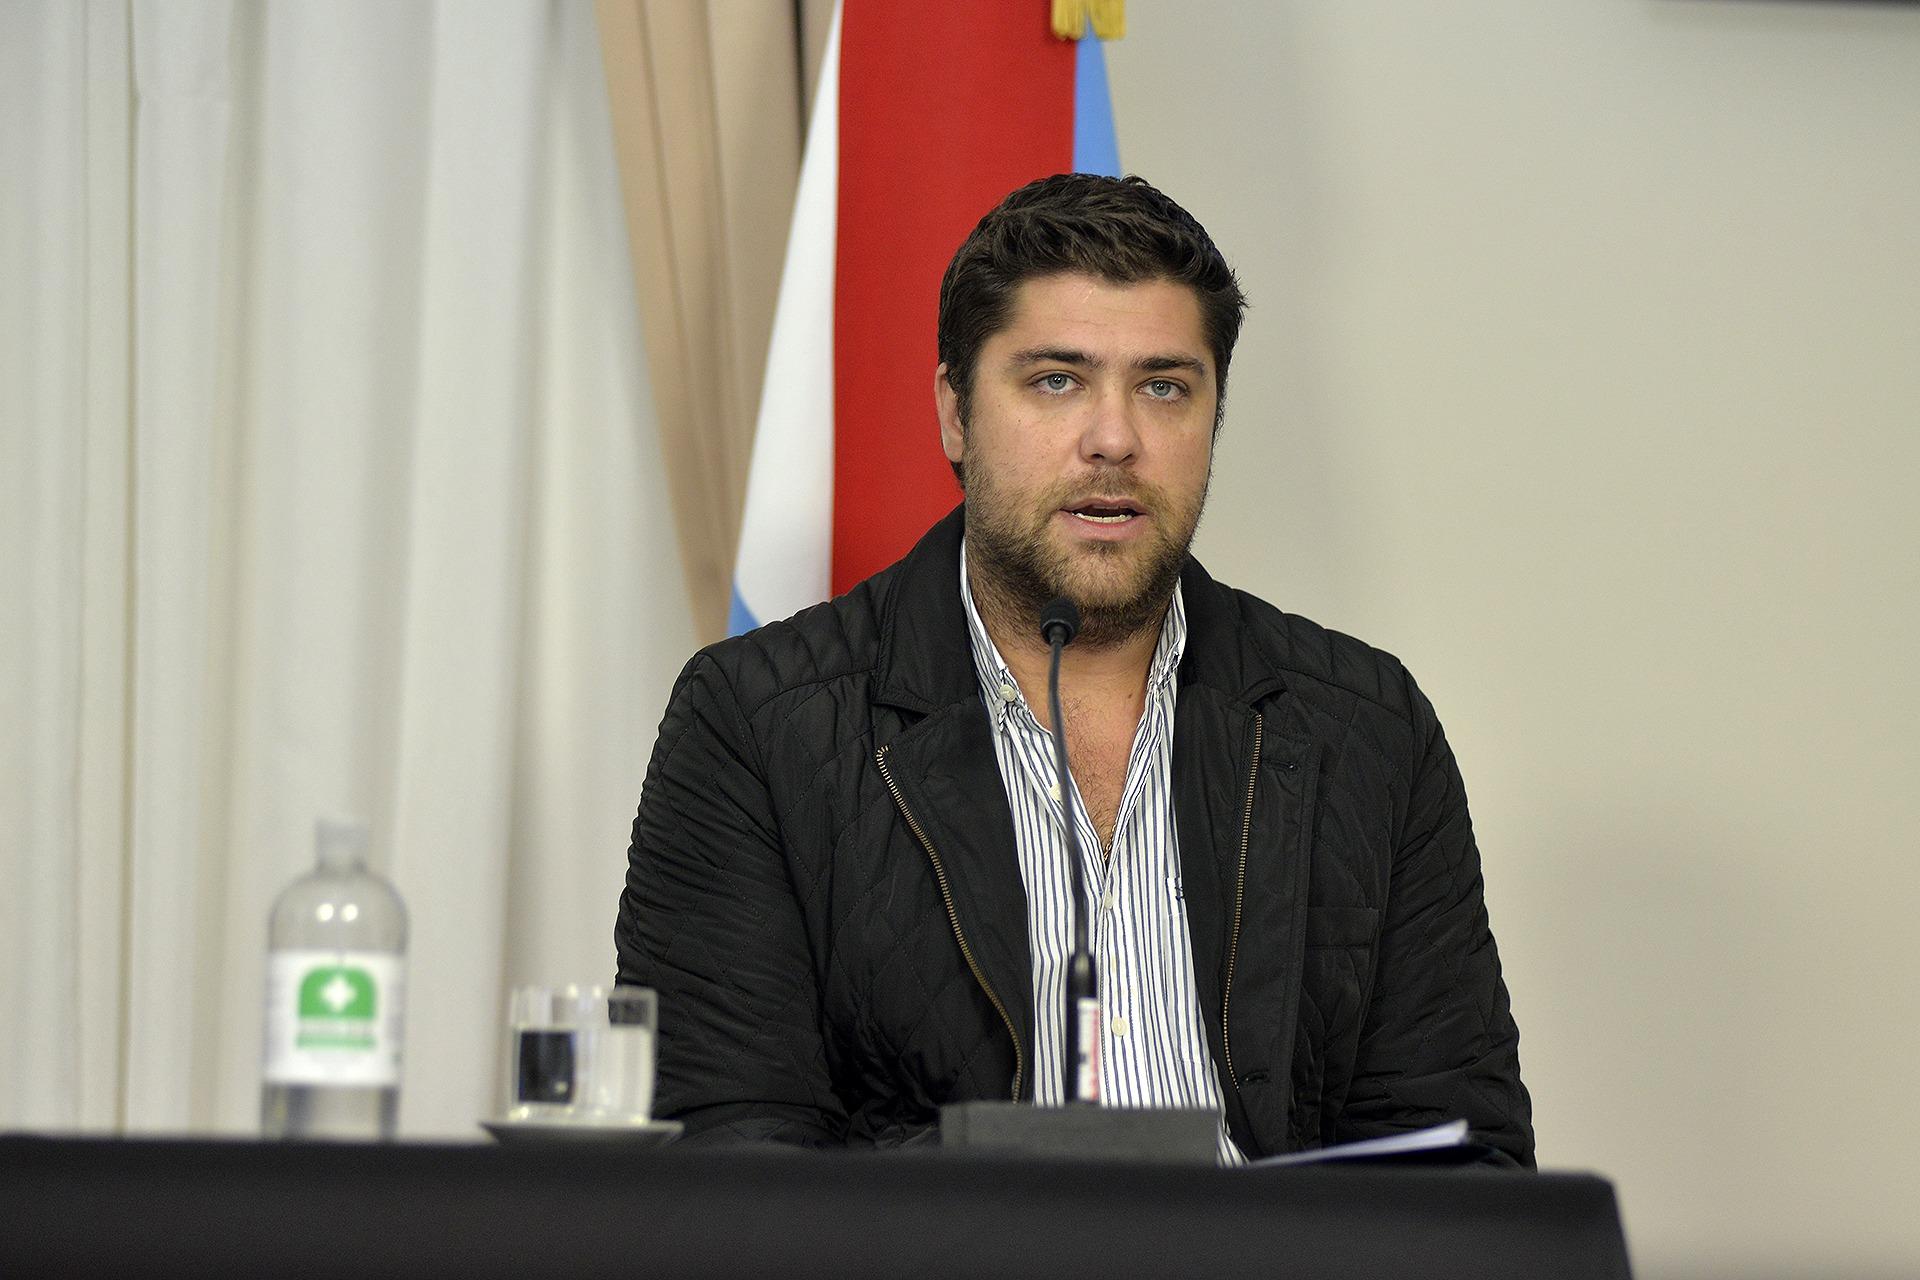 Pedro Gebhart